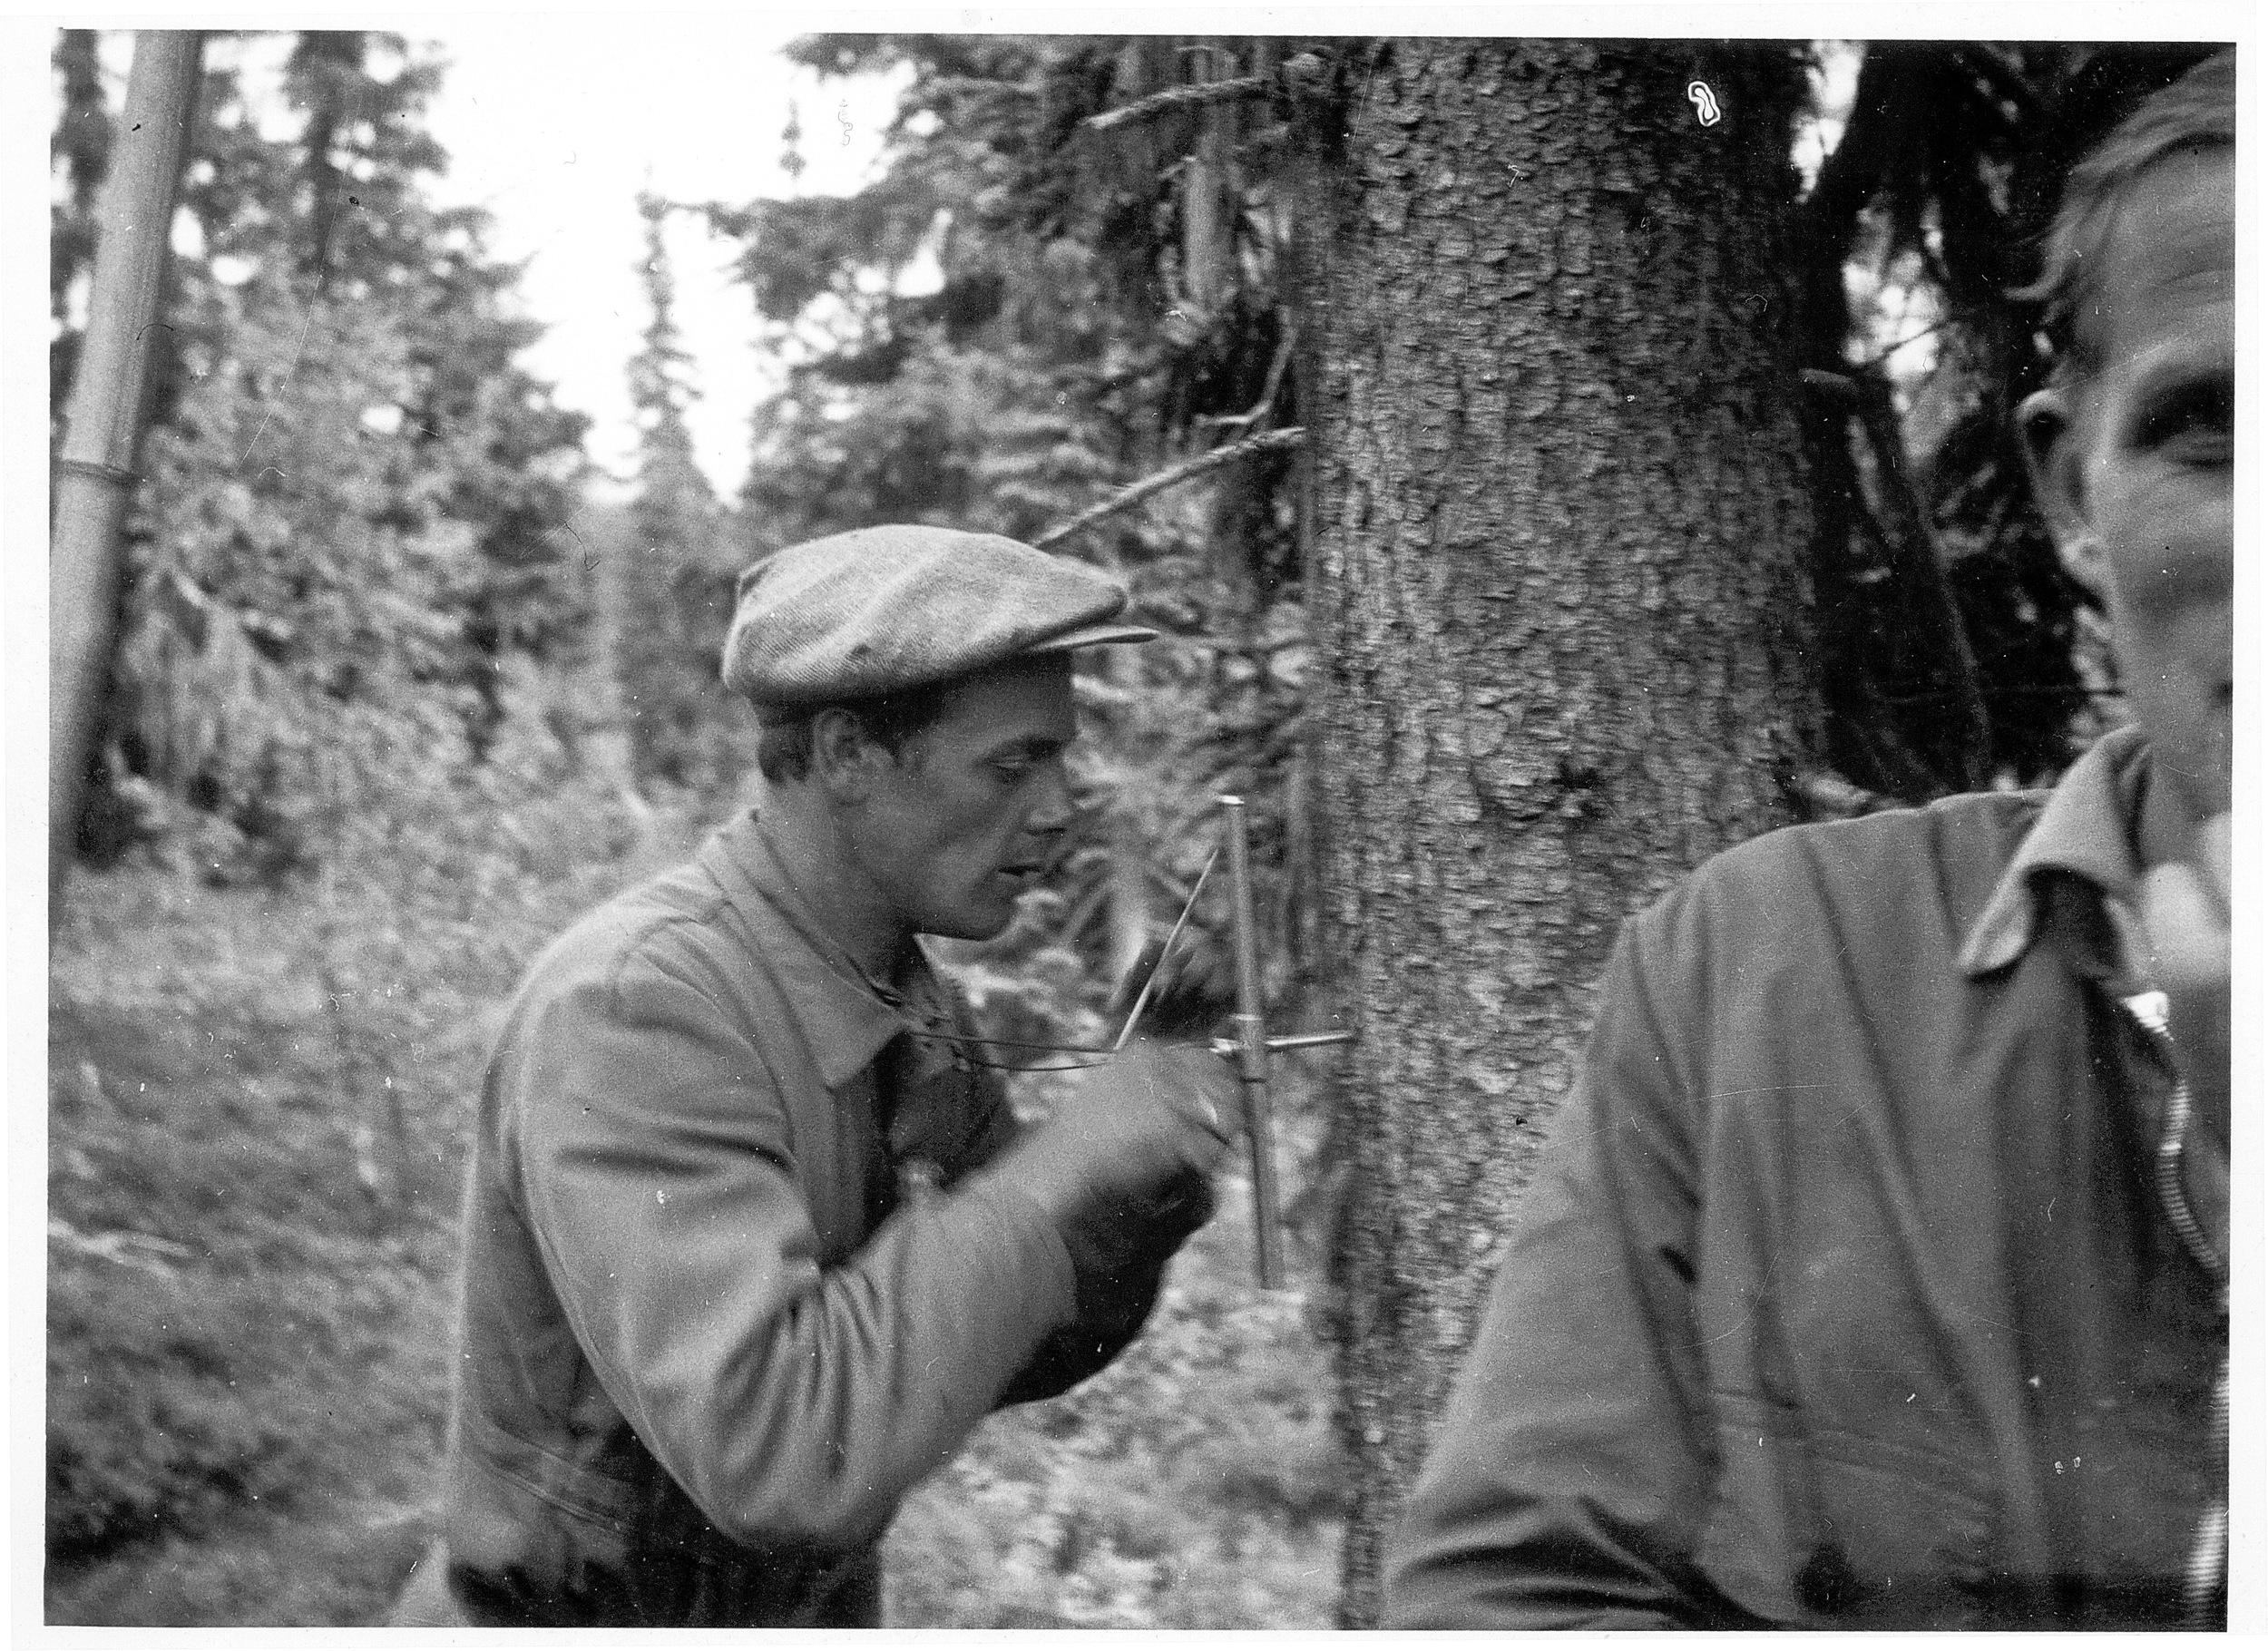 Uttak av borprøve for telling og måling av årringer. Ut fra dette bestemmes alderen til treet og hvor raskt det har vokst. Tilvekstboret er et sentralt redskap også i dagens takstarbeid. Foto utlånt av G.Vigerust